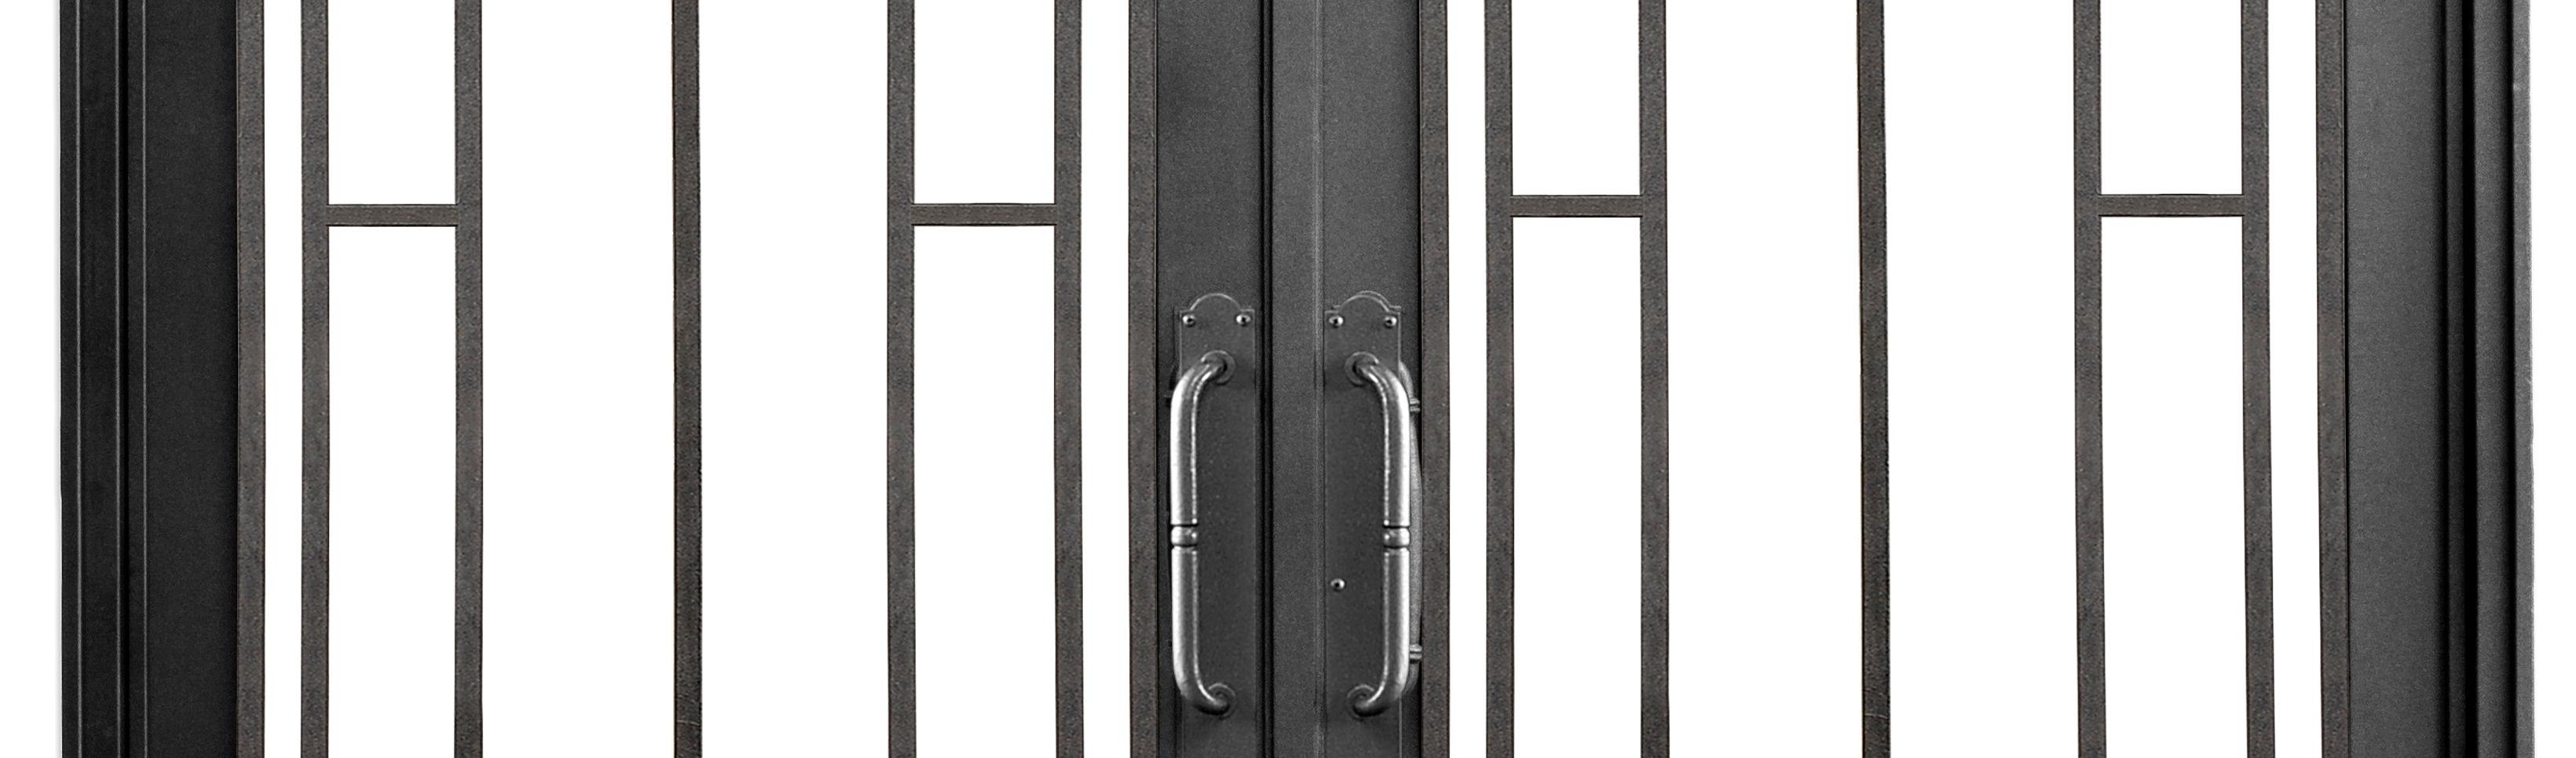 Puerta de entrada rustica moderna de del hierro design for Puertas hierro forjado